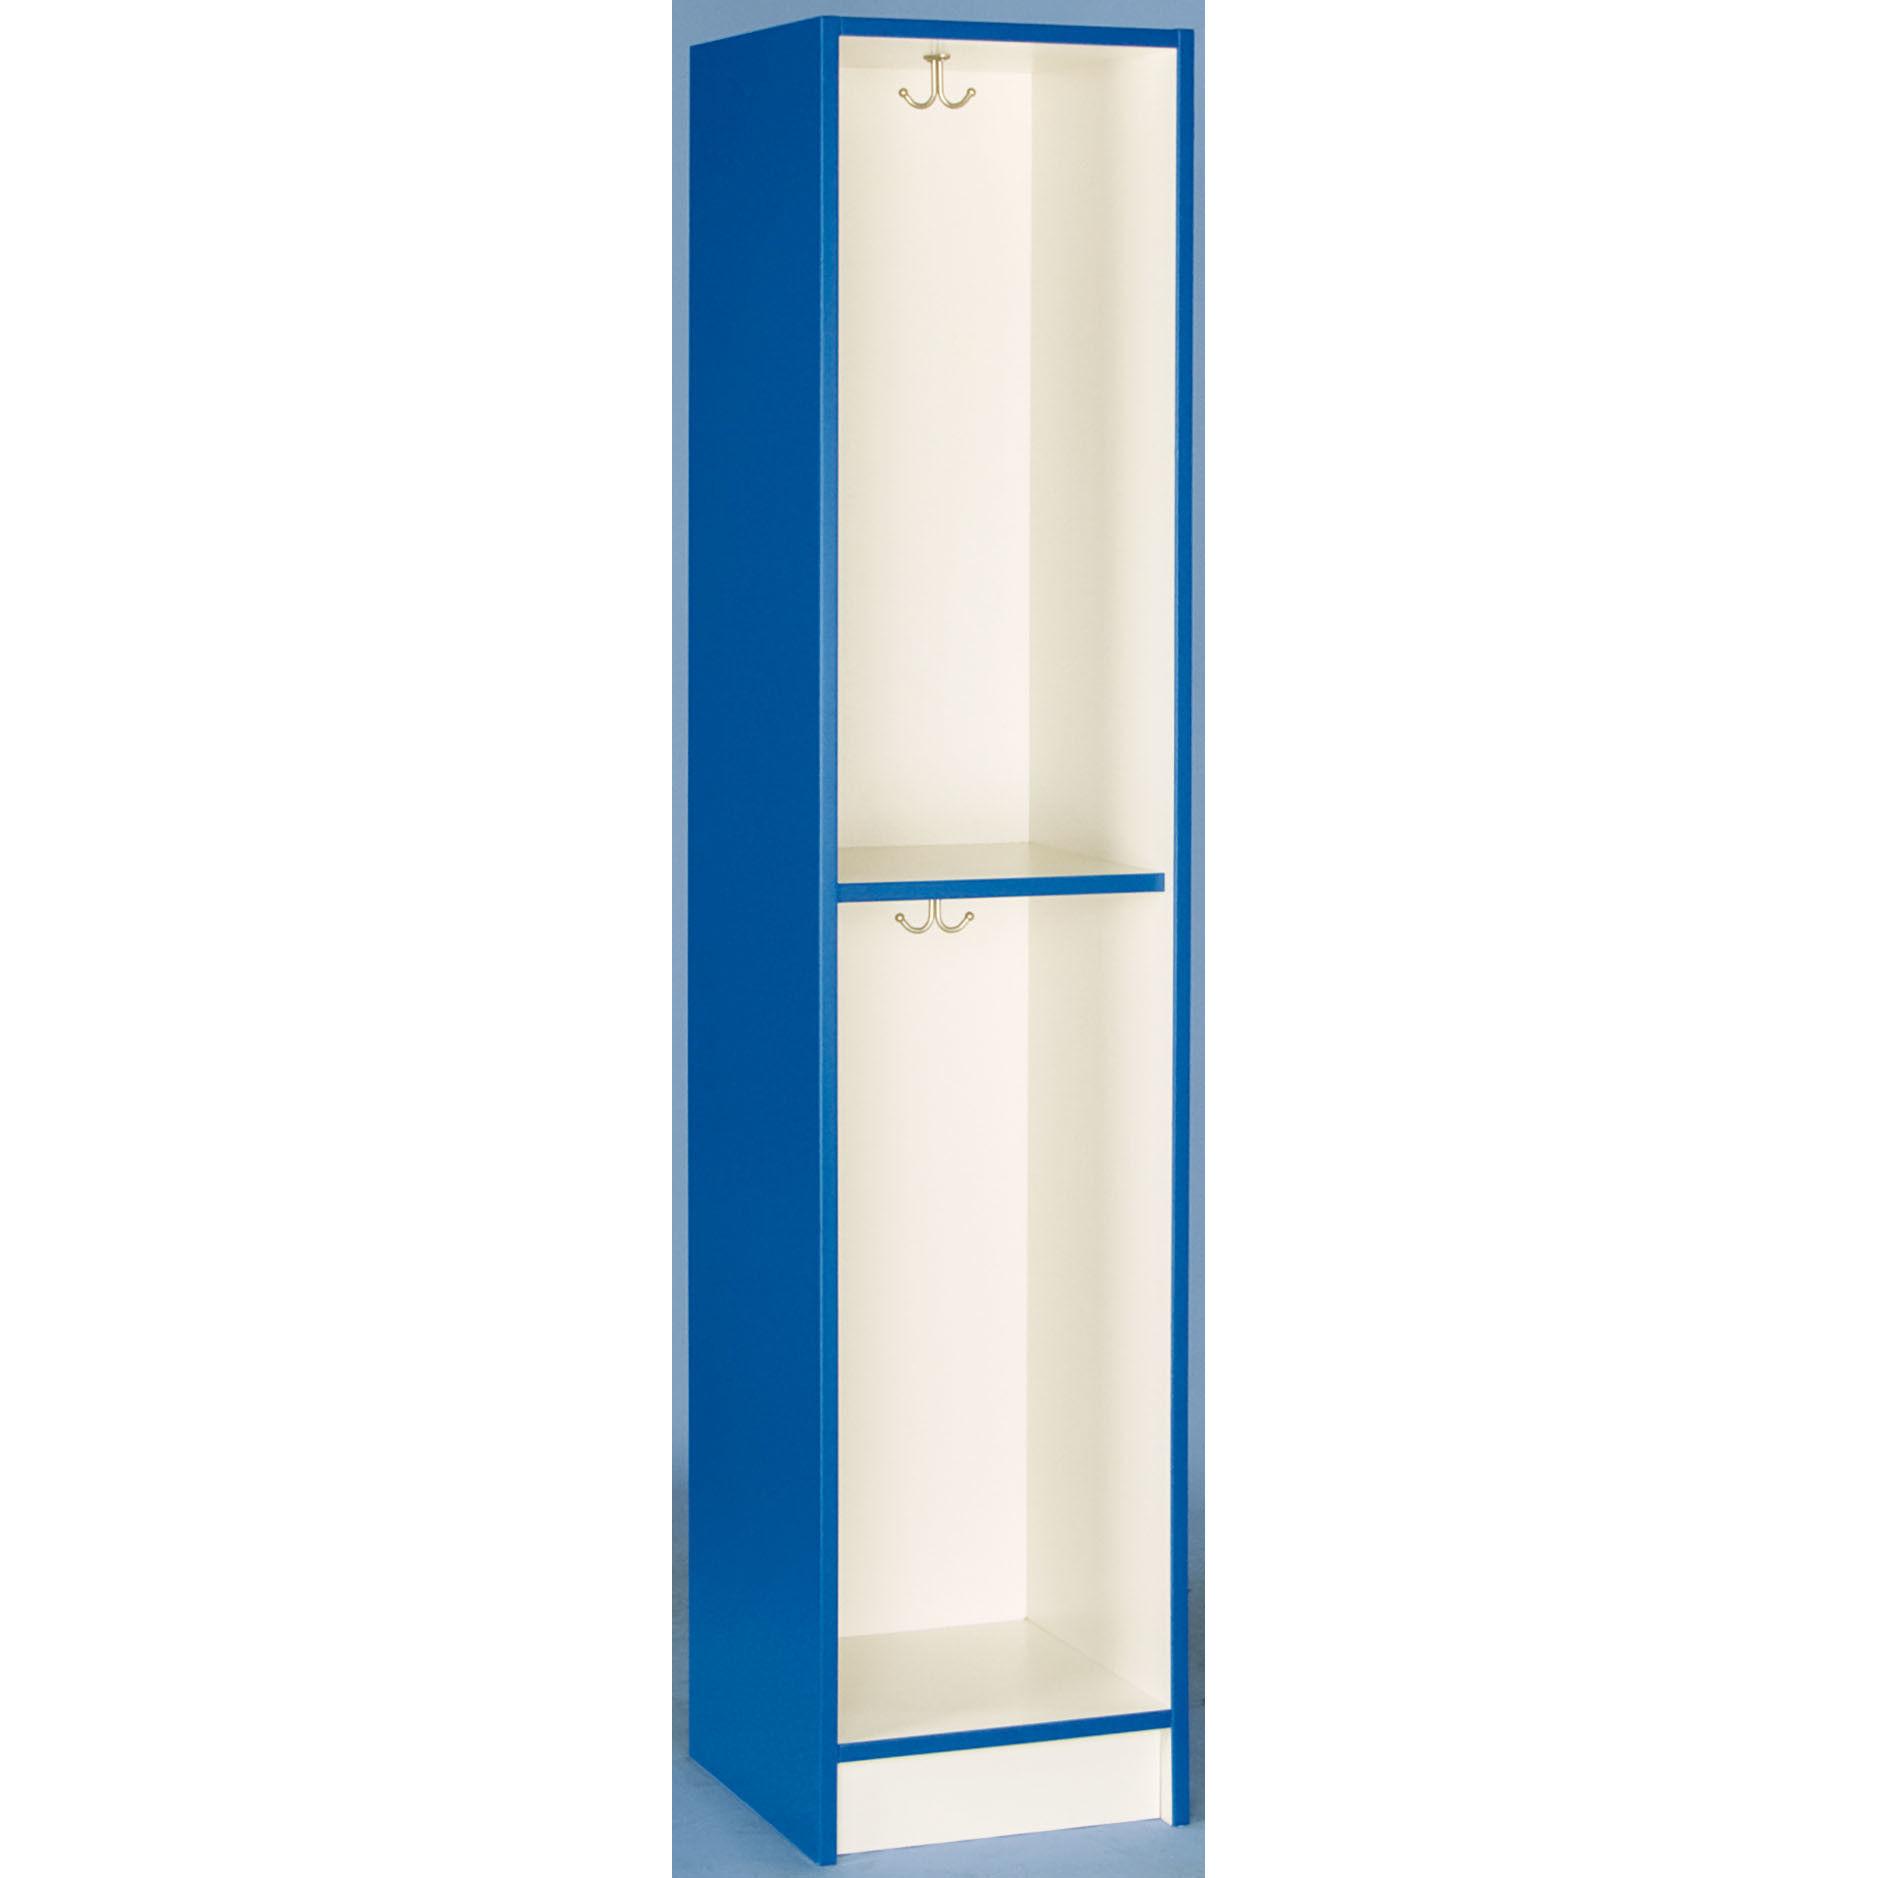 contemporary 3 tier bathroom shelf inspiration-Modern 3 Tier Bathroom Shelf Design